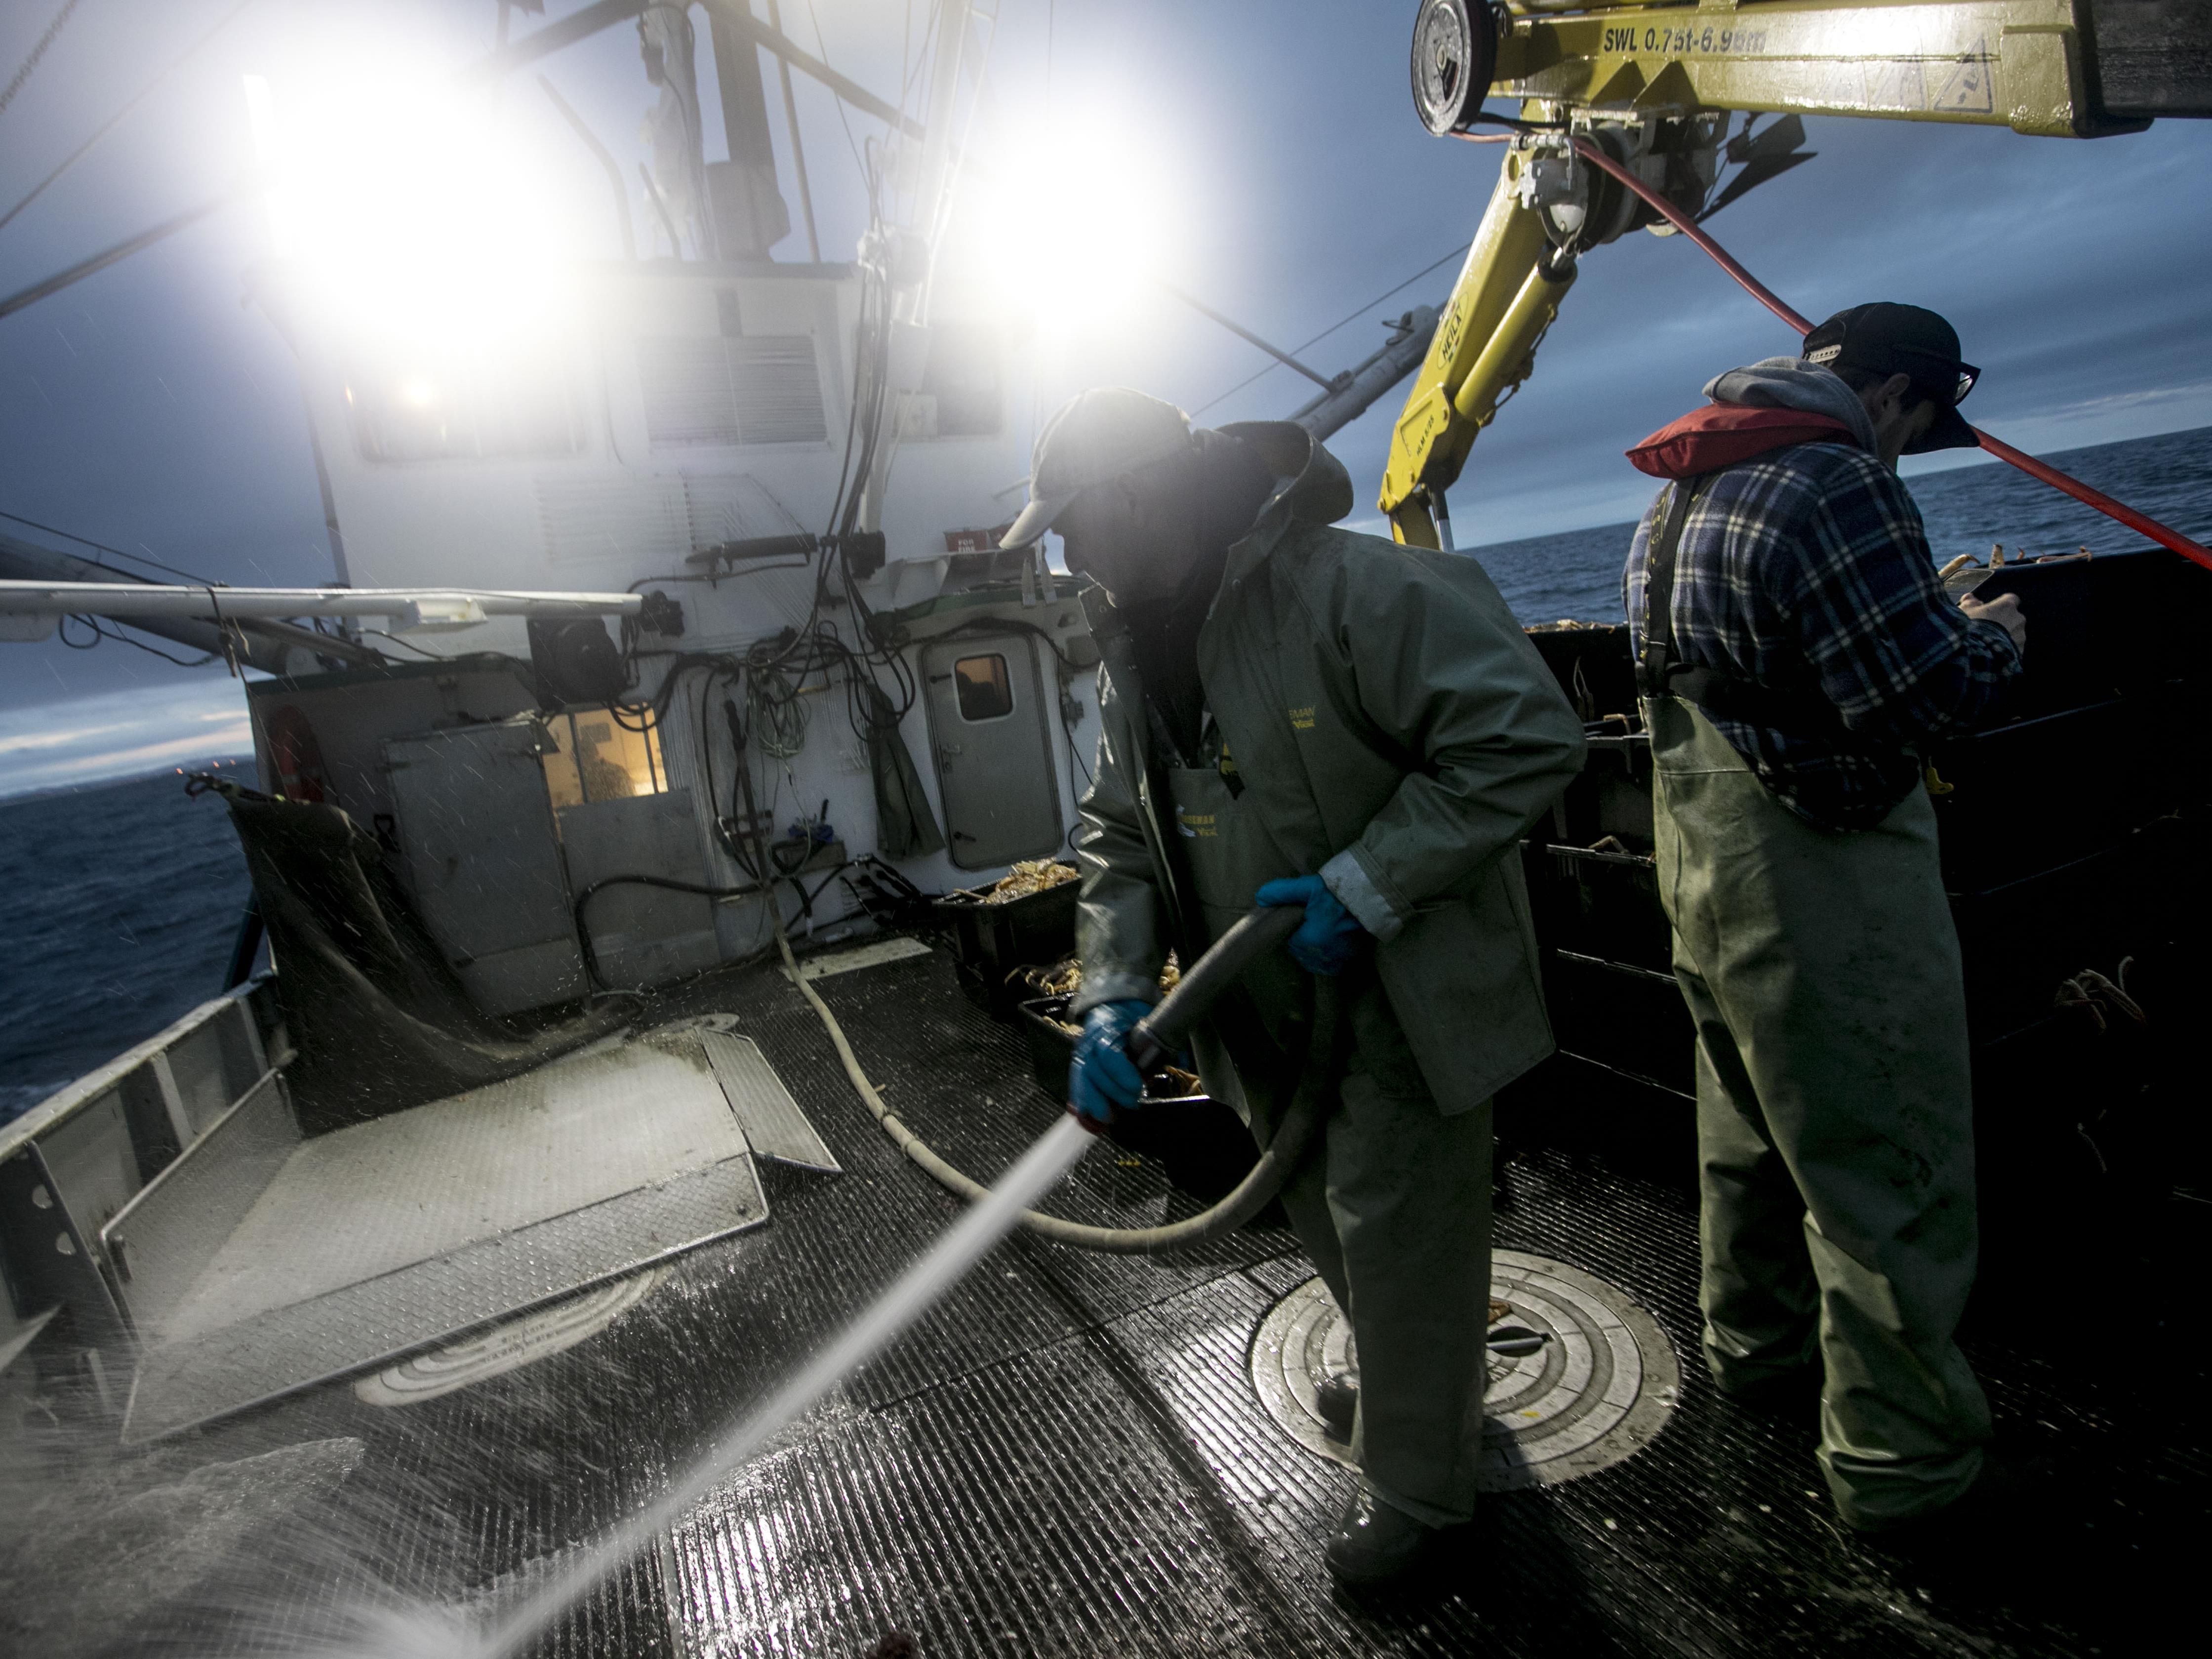 Le nettoyage du bateau